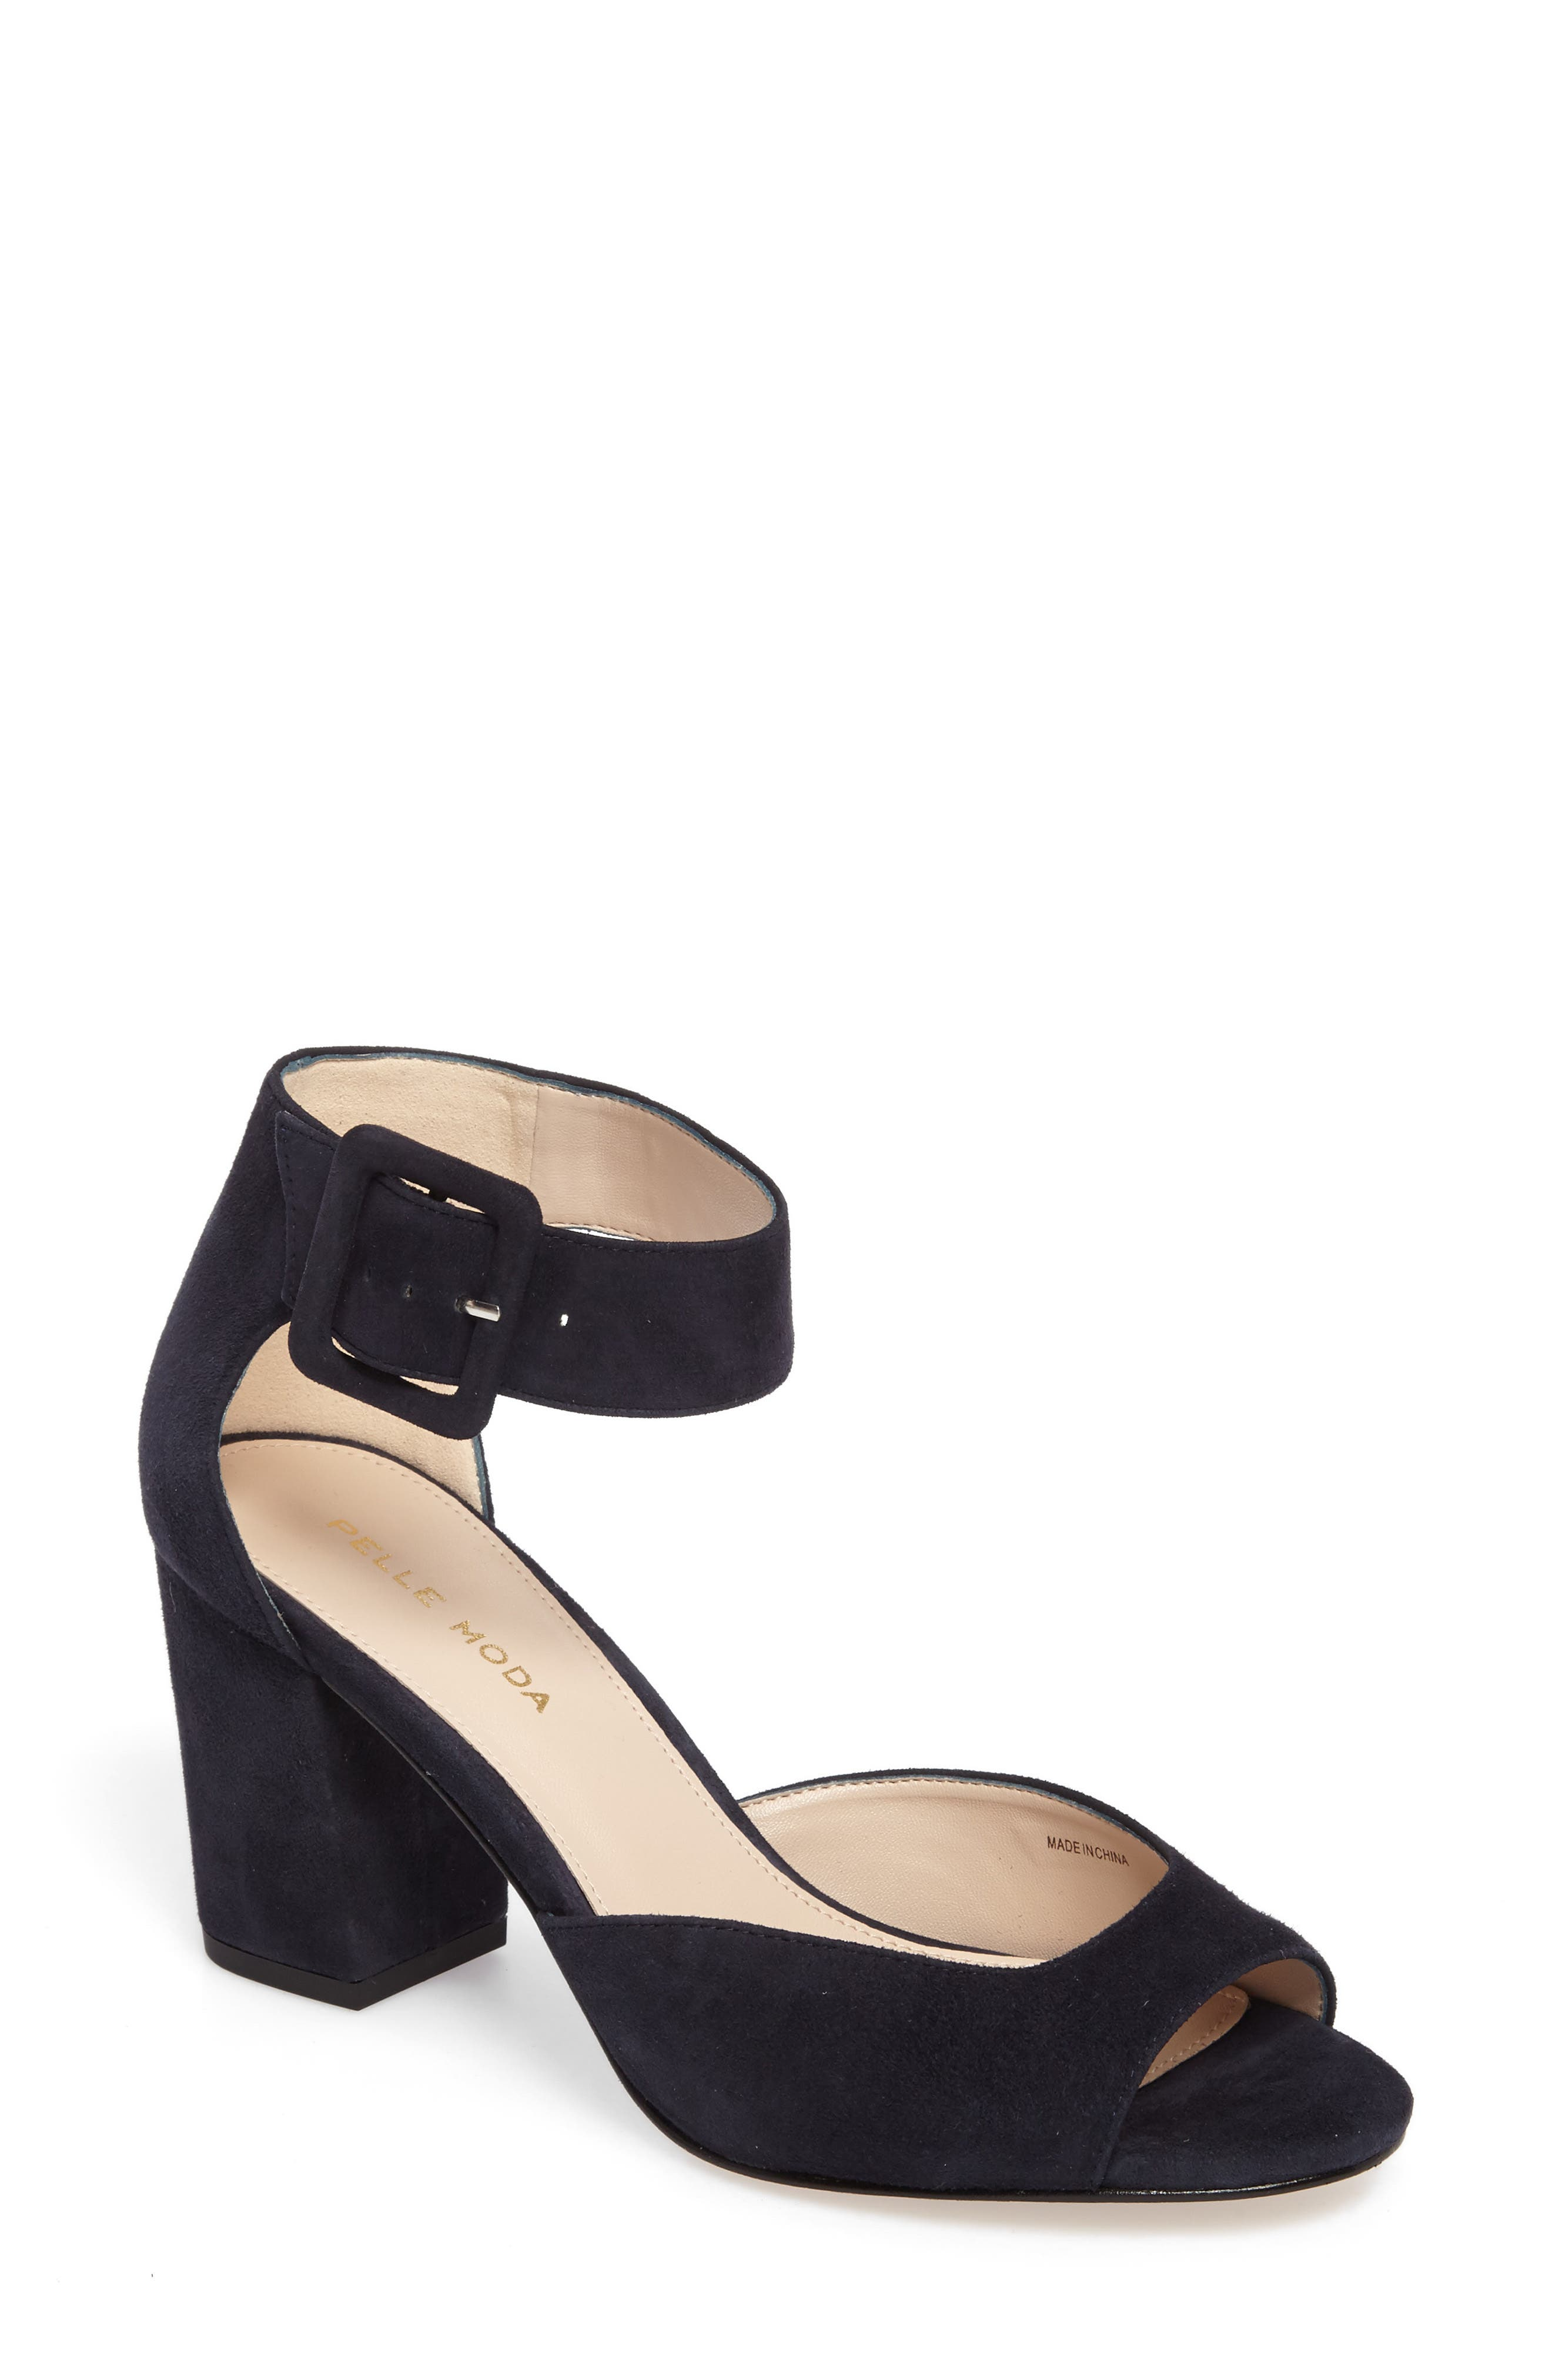 Alternate Image 1 Selected - Pelle Moda Bijou Sandal (Women)